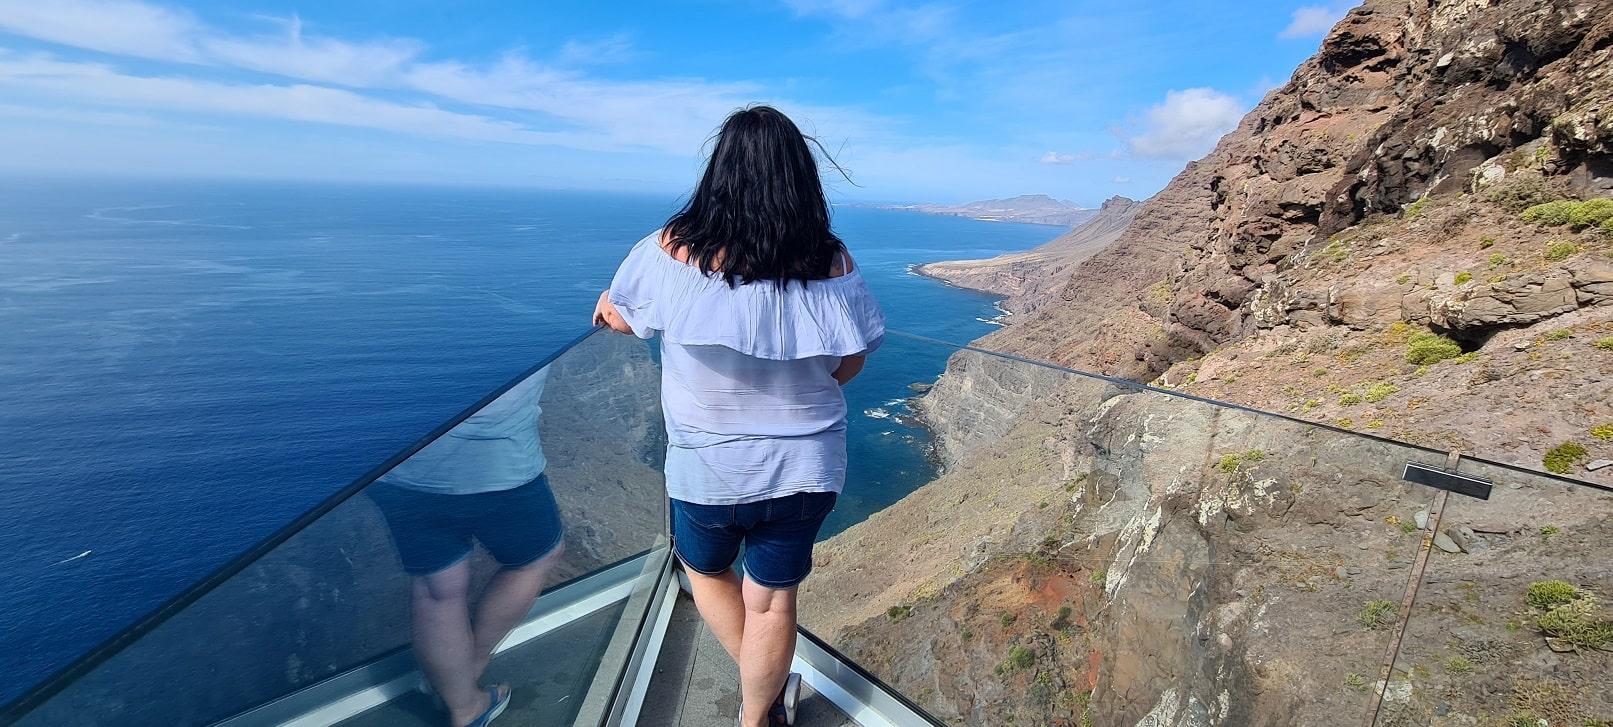 Gran Canaria - Blick aufs Meer